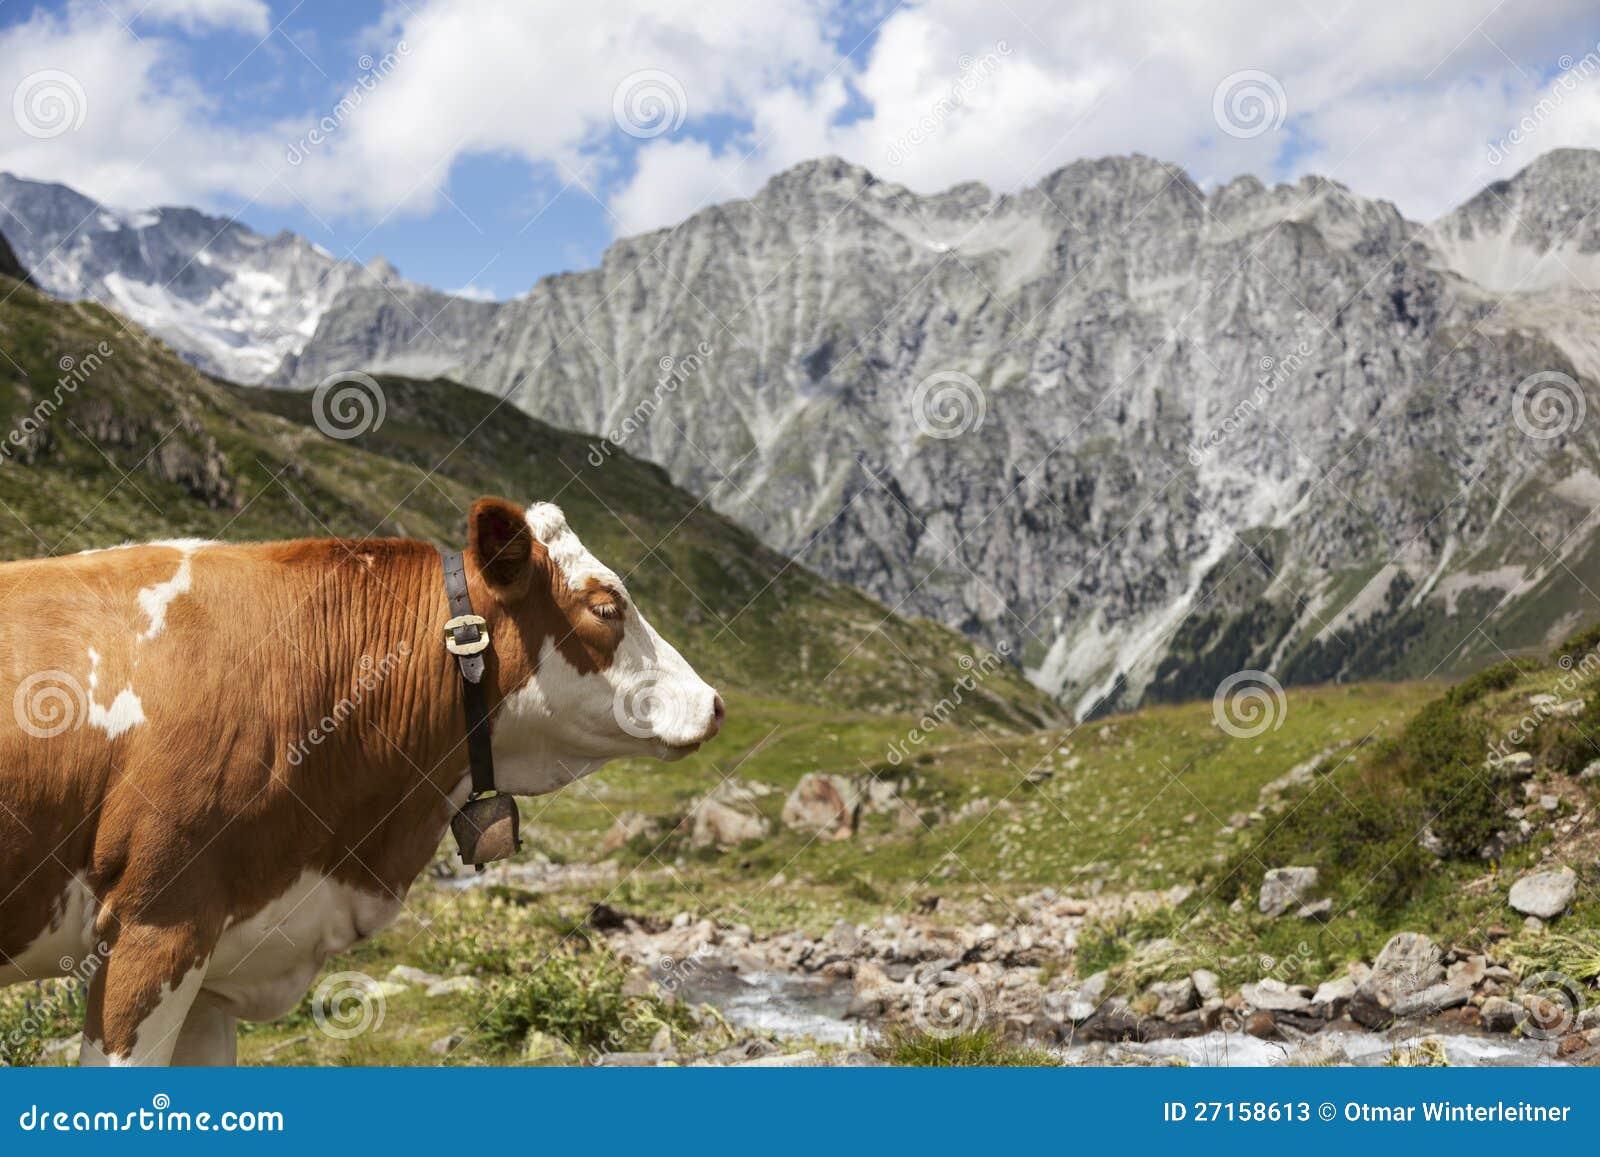 Close-up krowa w Austriackich/Włoskich Alps.